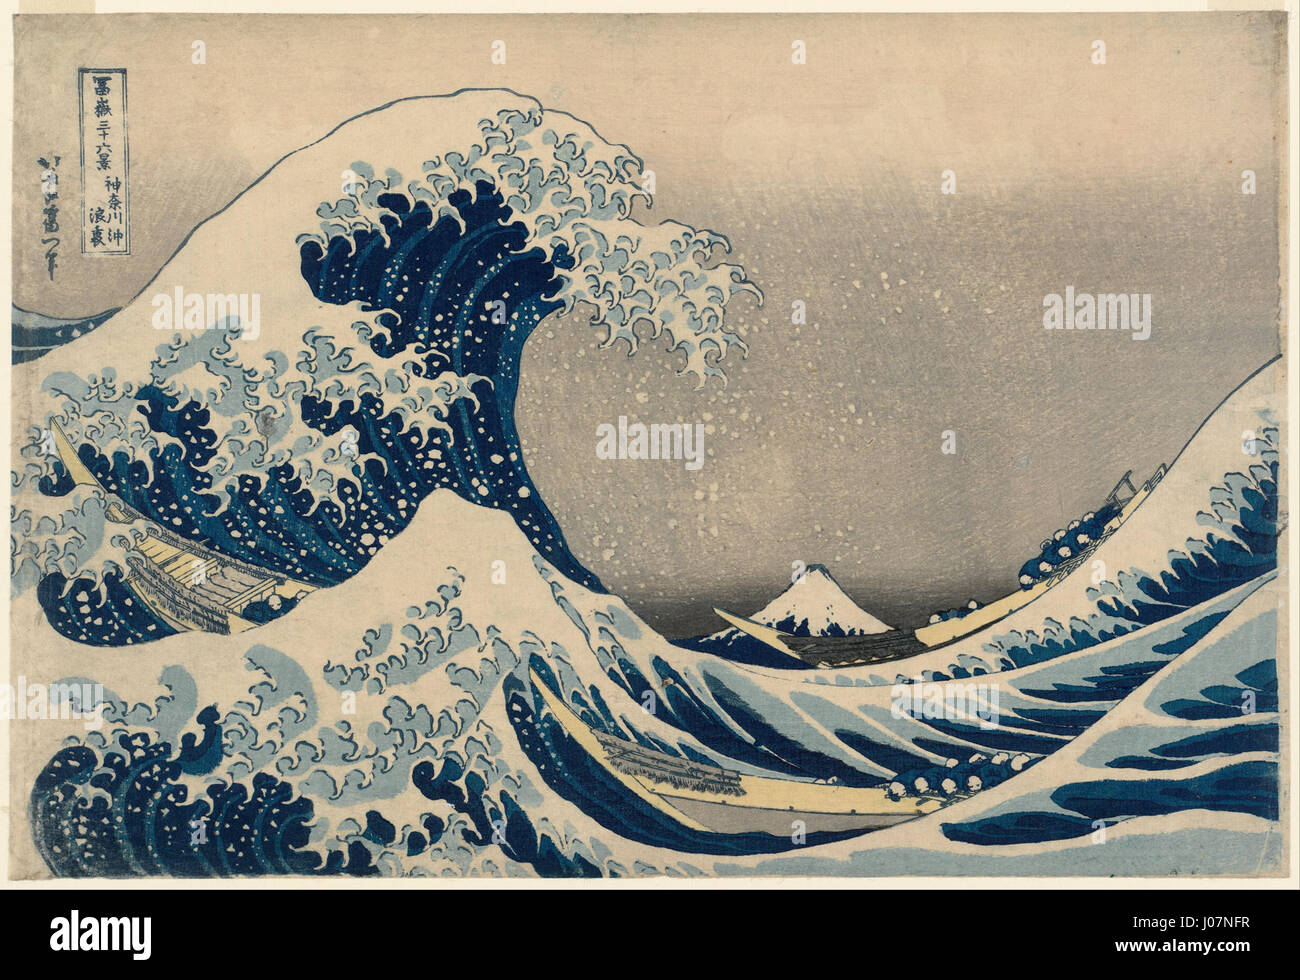 Katsushika Hokusai, published by Nishimuraya Yohachi (Eijudō) - Under the Wave off Kanagawa (Kanagawa-oki nami-ura), Stock Photo